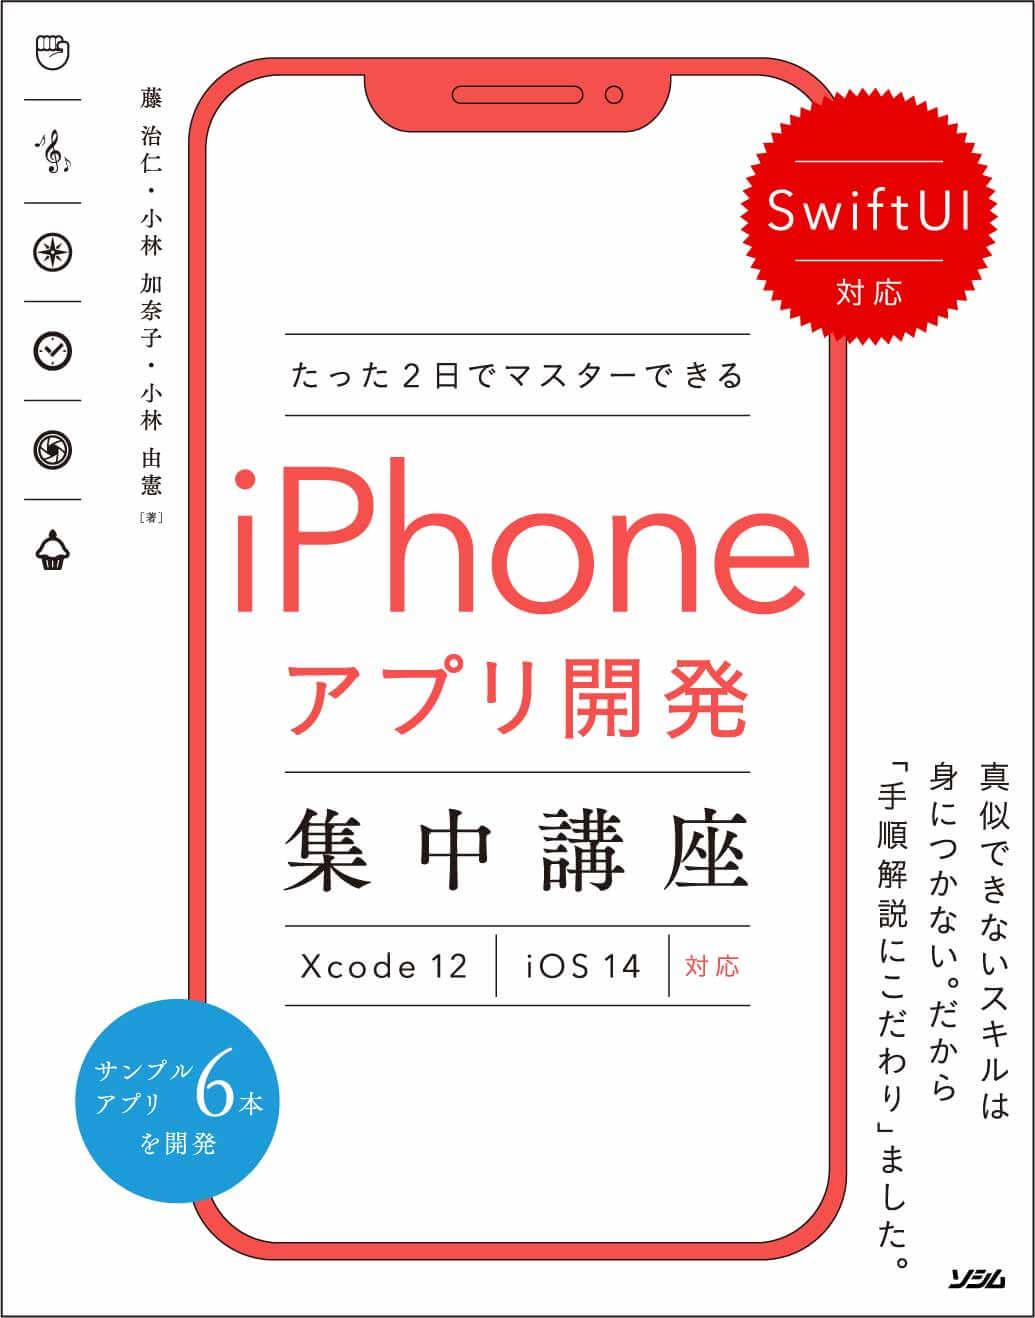 たった2日でマスターできる iPhoneアプリ開発集中講座 Swift UI完全対応 Xcode 12/Swift 5.3対応